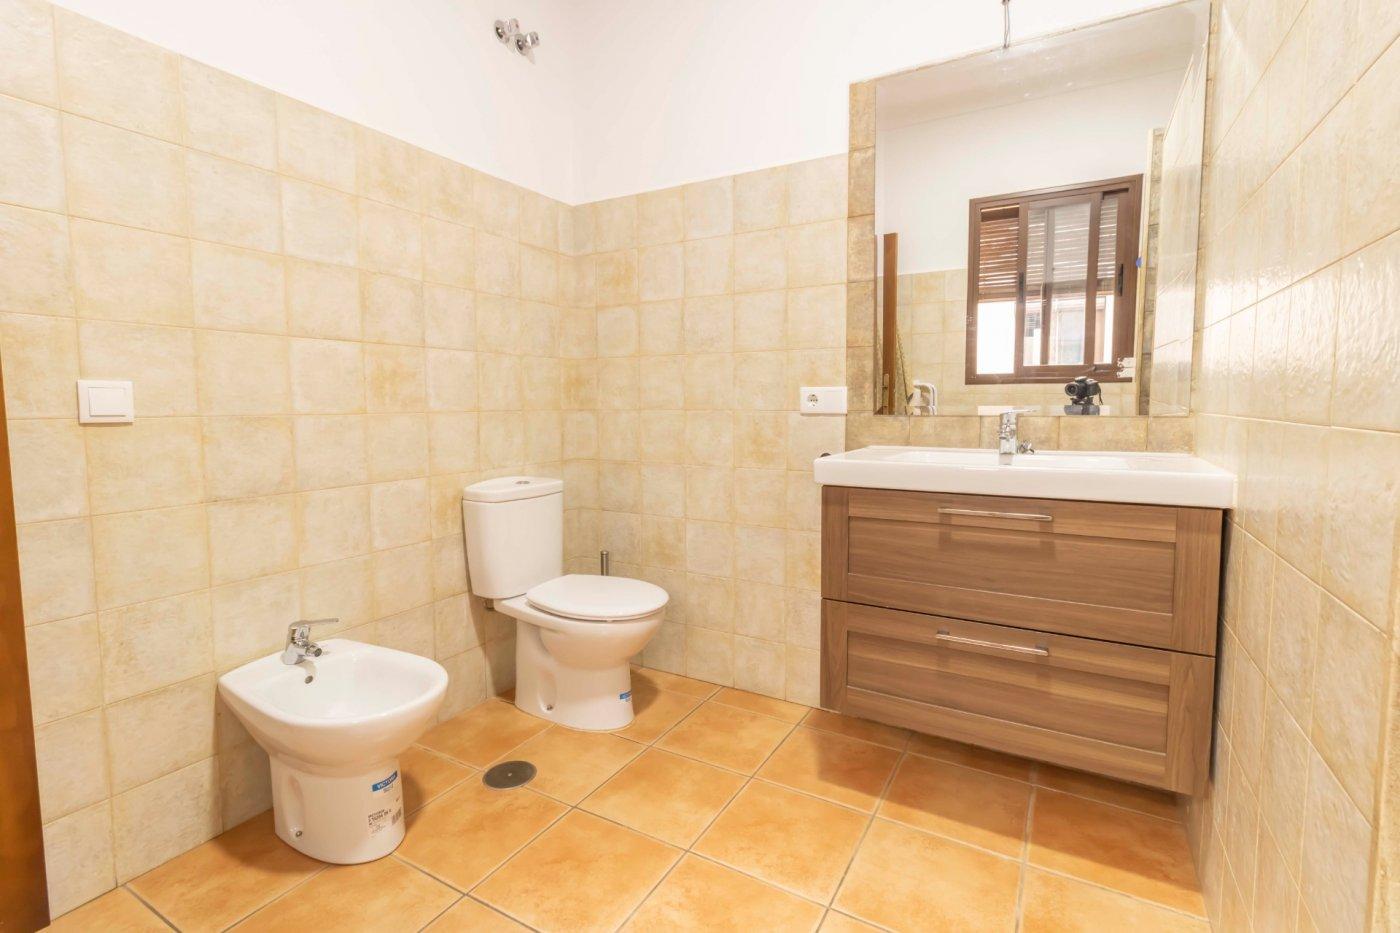 Casa de reciente construccion a la venta en carmona - imagenInmueble25